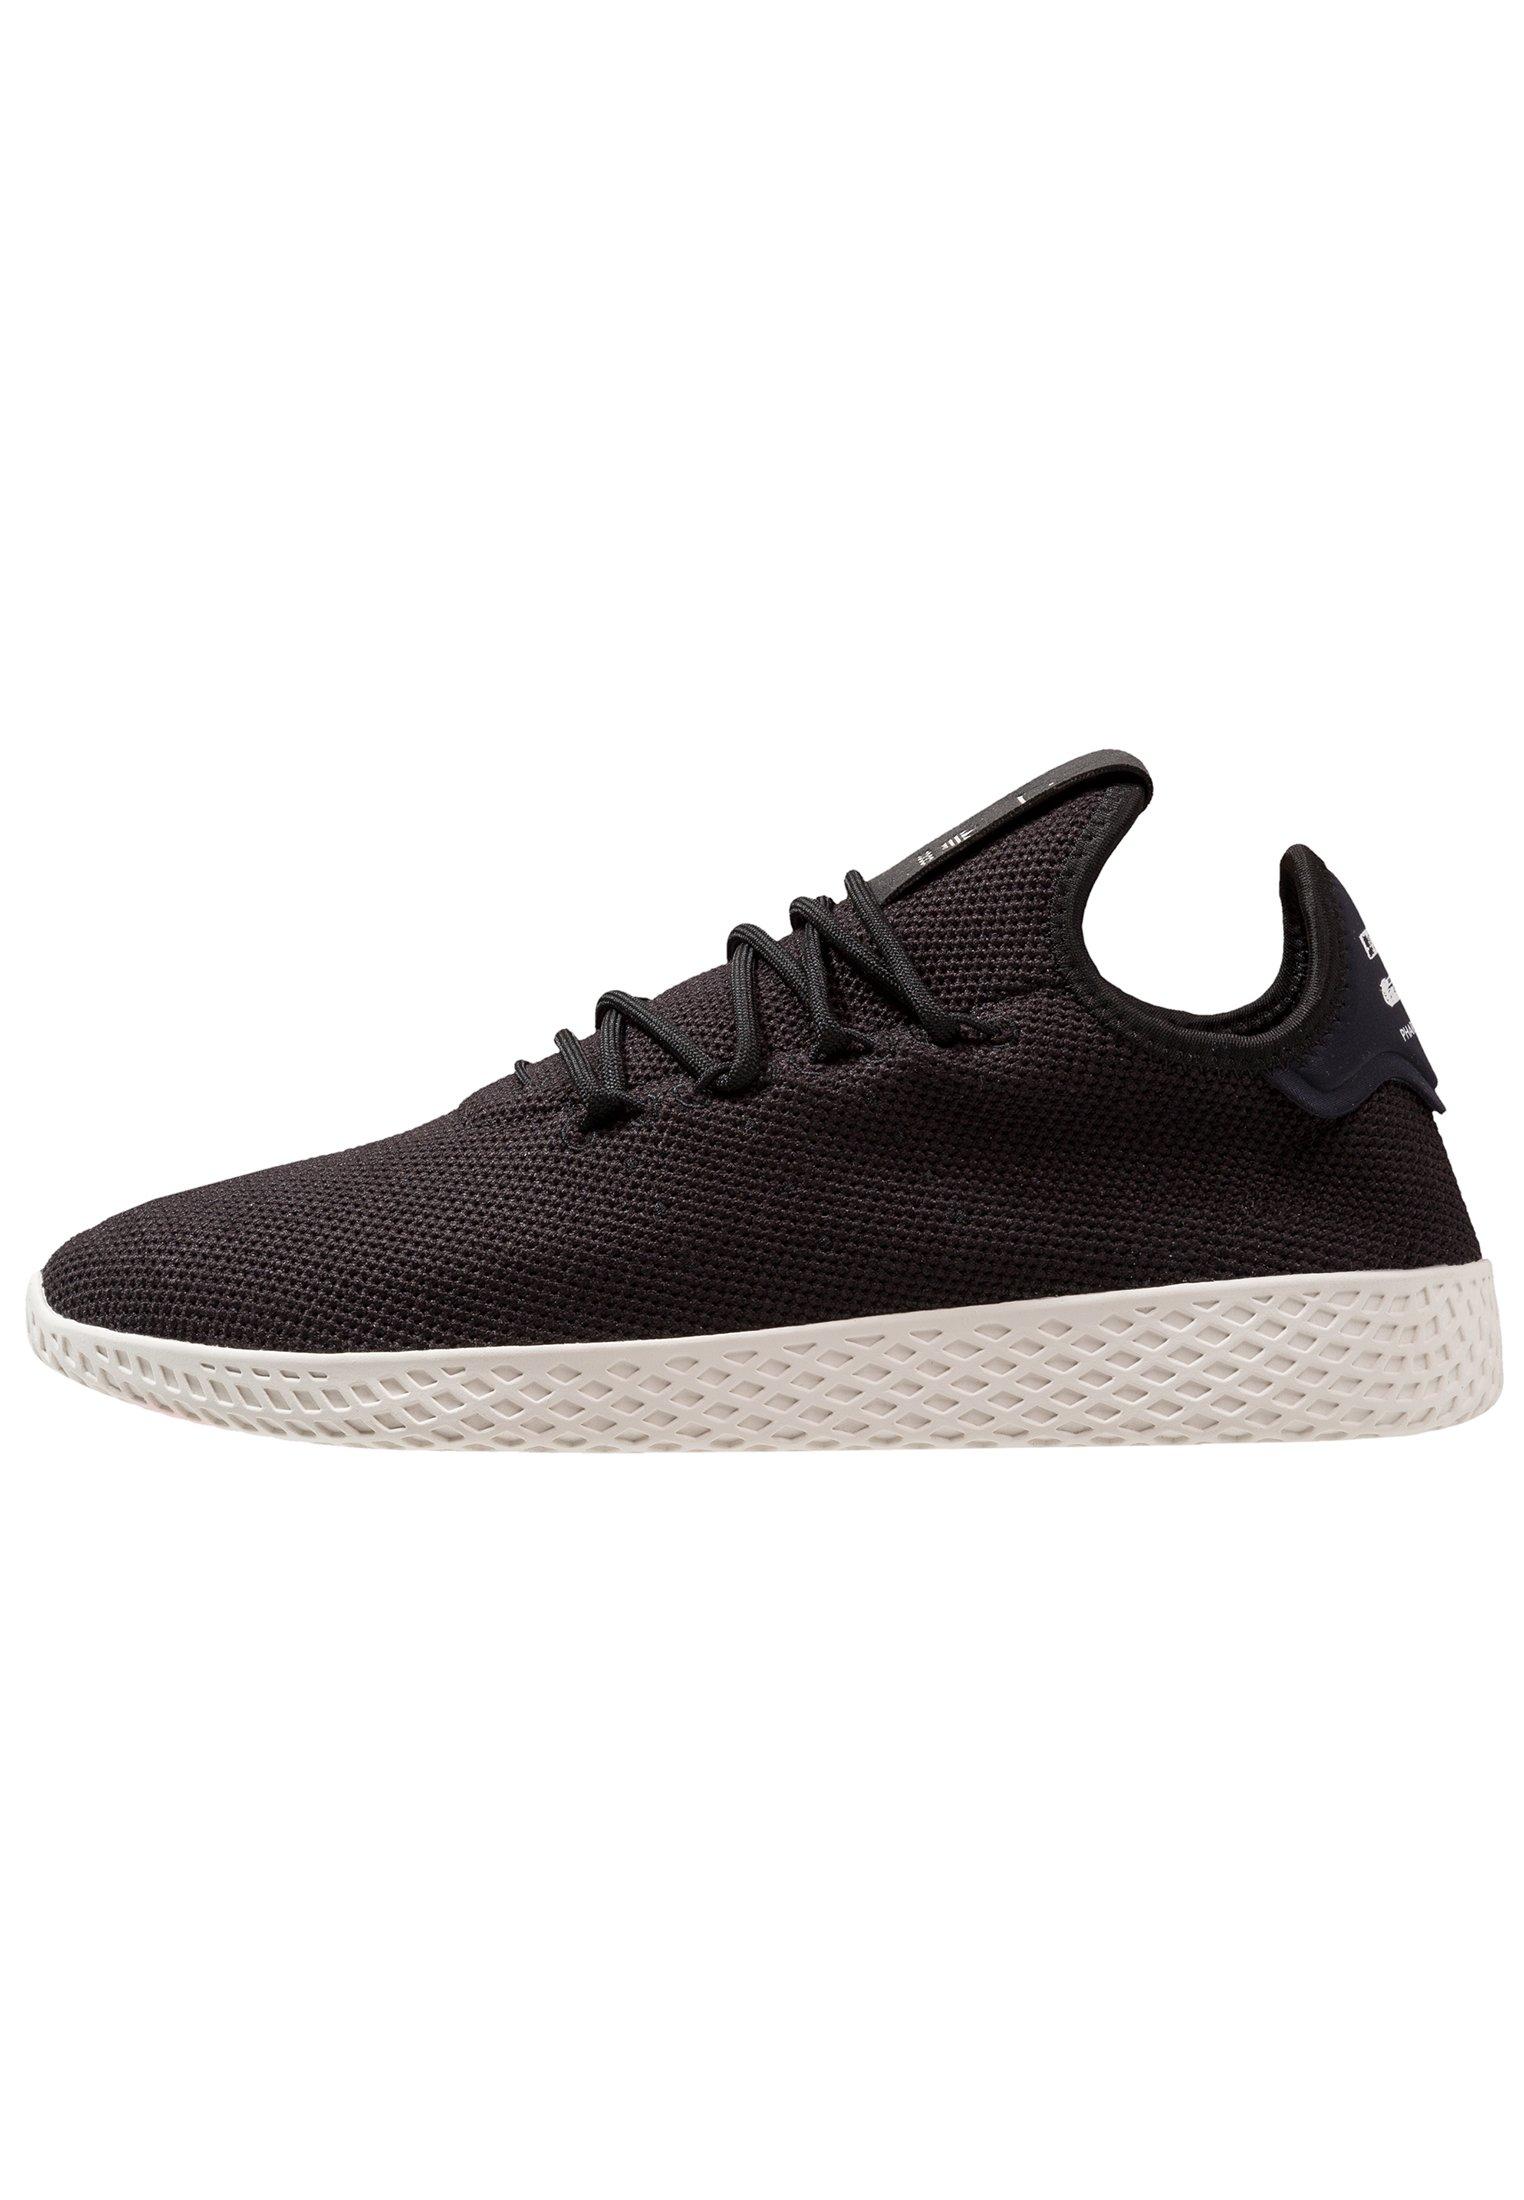 PW TENNIS HU - Sneaker low - core black/core white